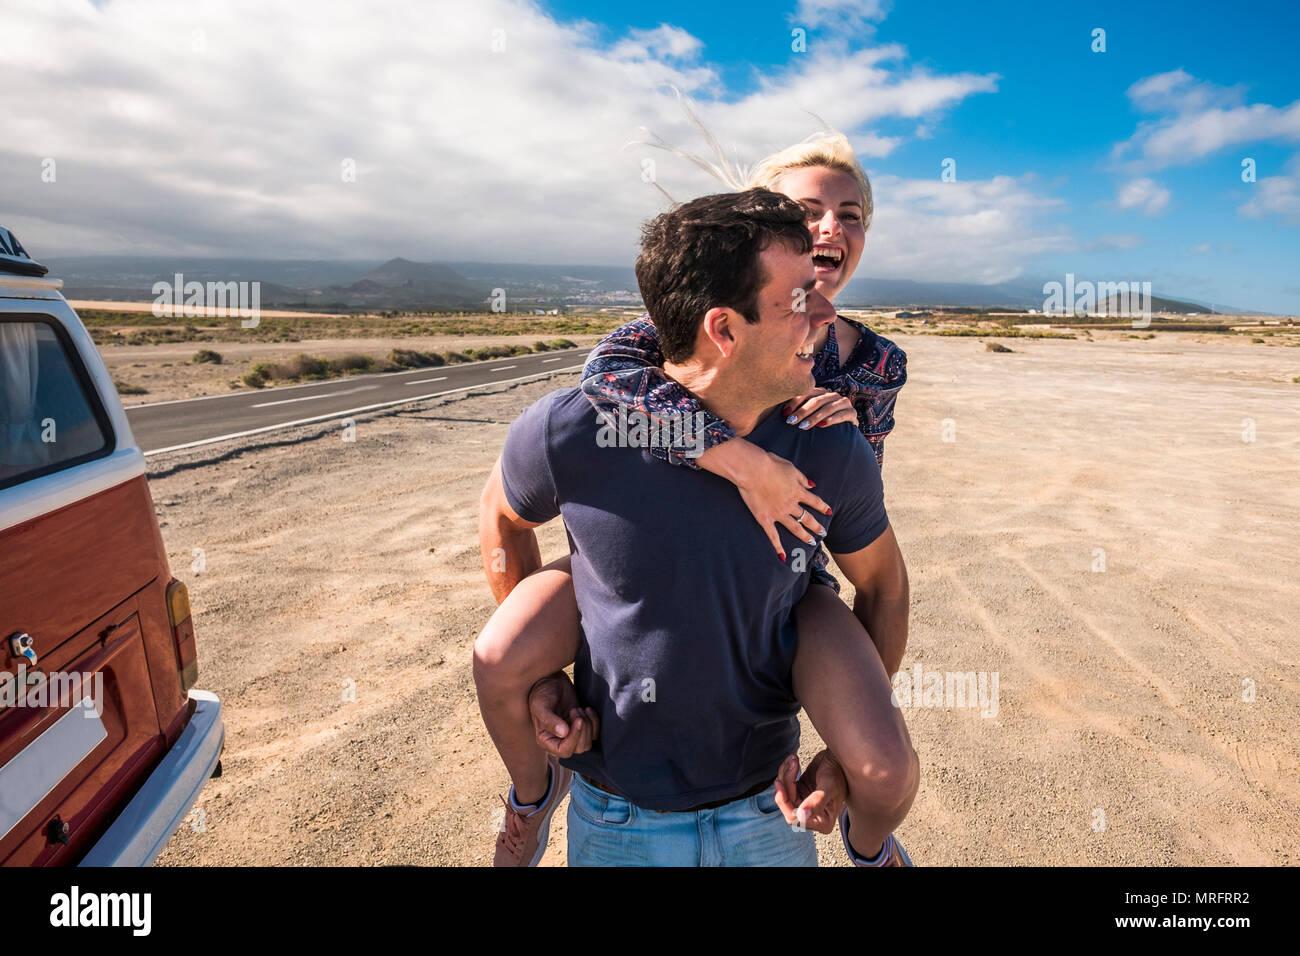 Schön kaukasischen schönes Modell Paar in Liebe zusammen spielen und in der Freizeit Aktivitäten im Freien in der Nähe von einem langen Weg durch die Wüste in einer langen Reise v Aufenthalt Stockfoto